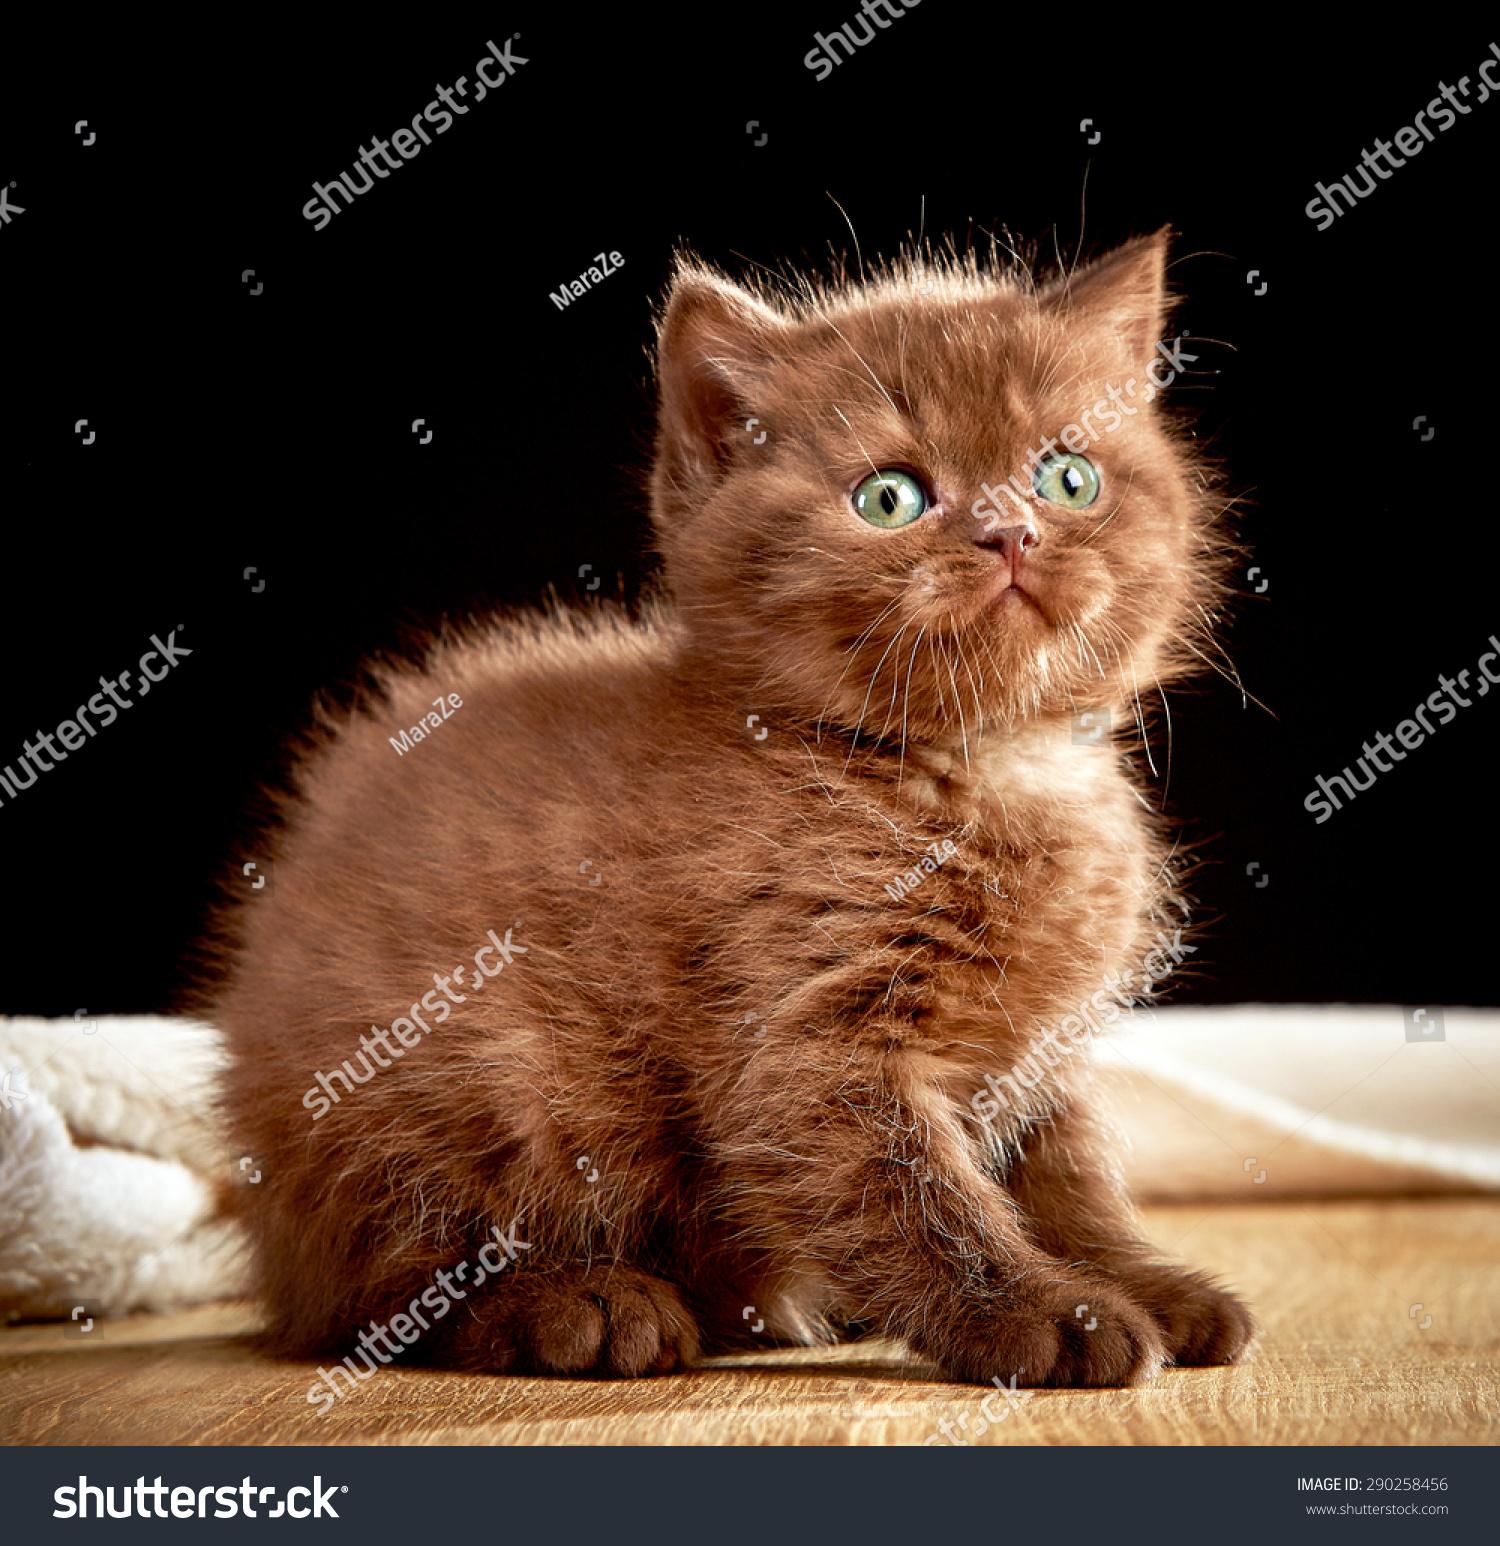 Portrait British Chocolate Kitten Stock Photo 290258456 - Shutterstock